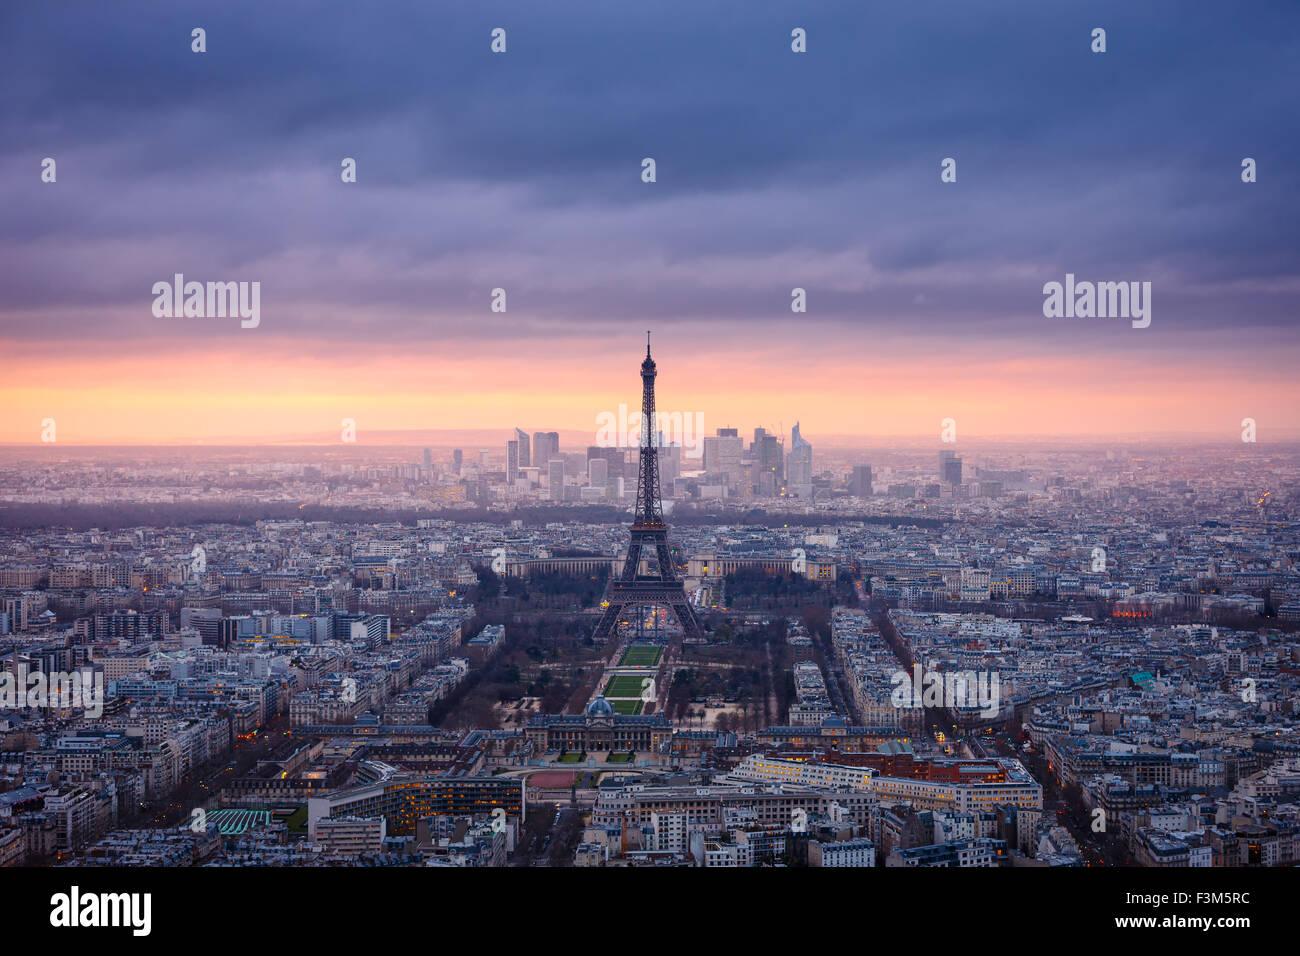 El paisaje urbano de París chapados en rosa en el atardecer. Vista aérea de París y la Torre Eiffel, Imagen De Stock